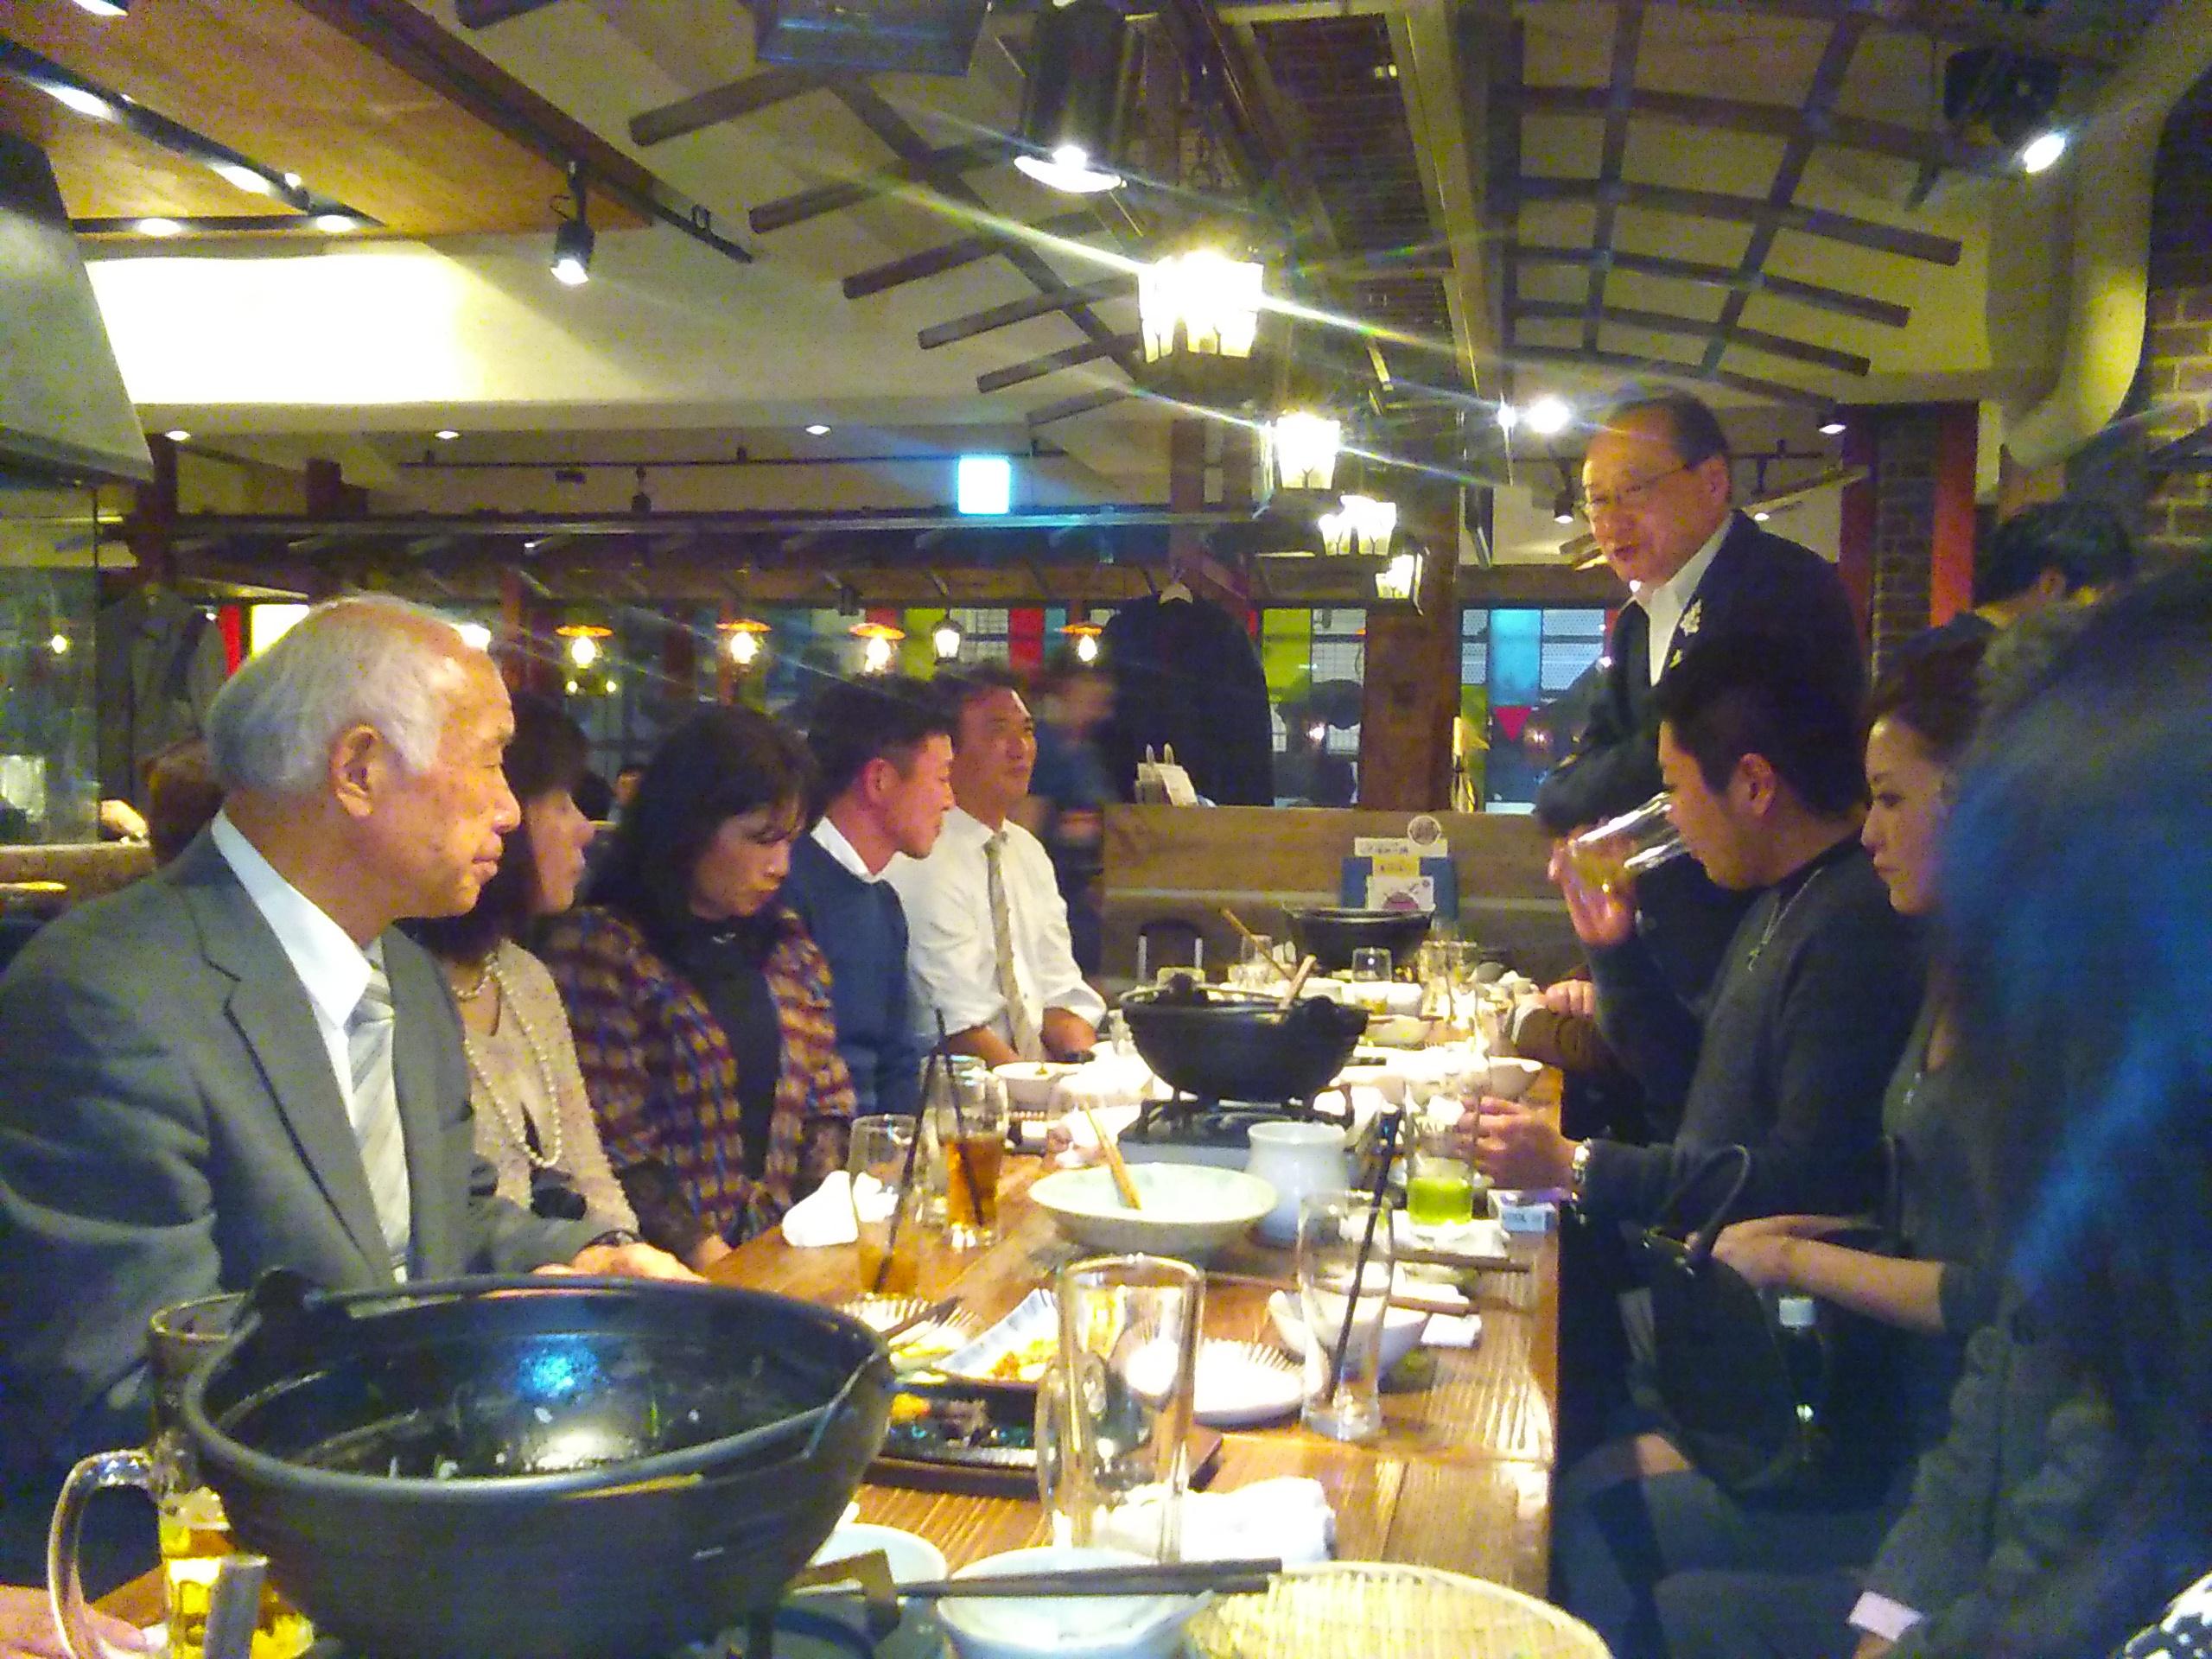 KIMG0243 - 4月1日東京思風塾の開催になります。